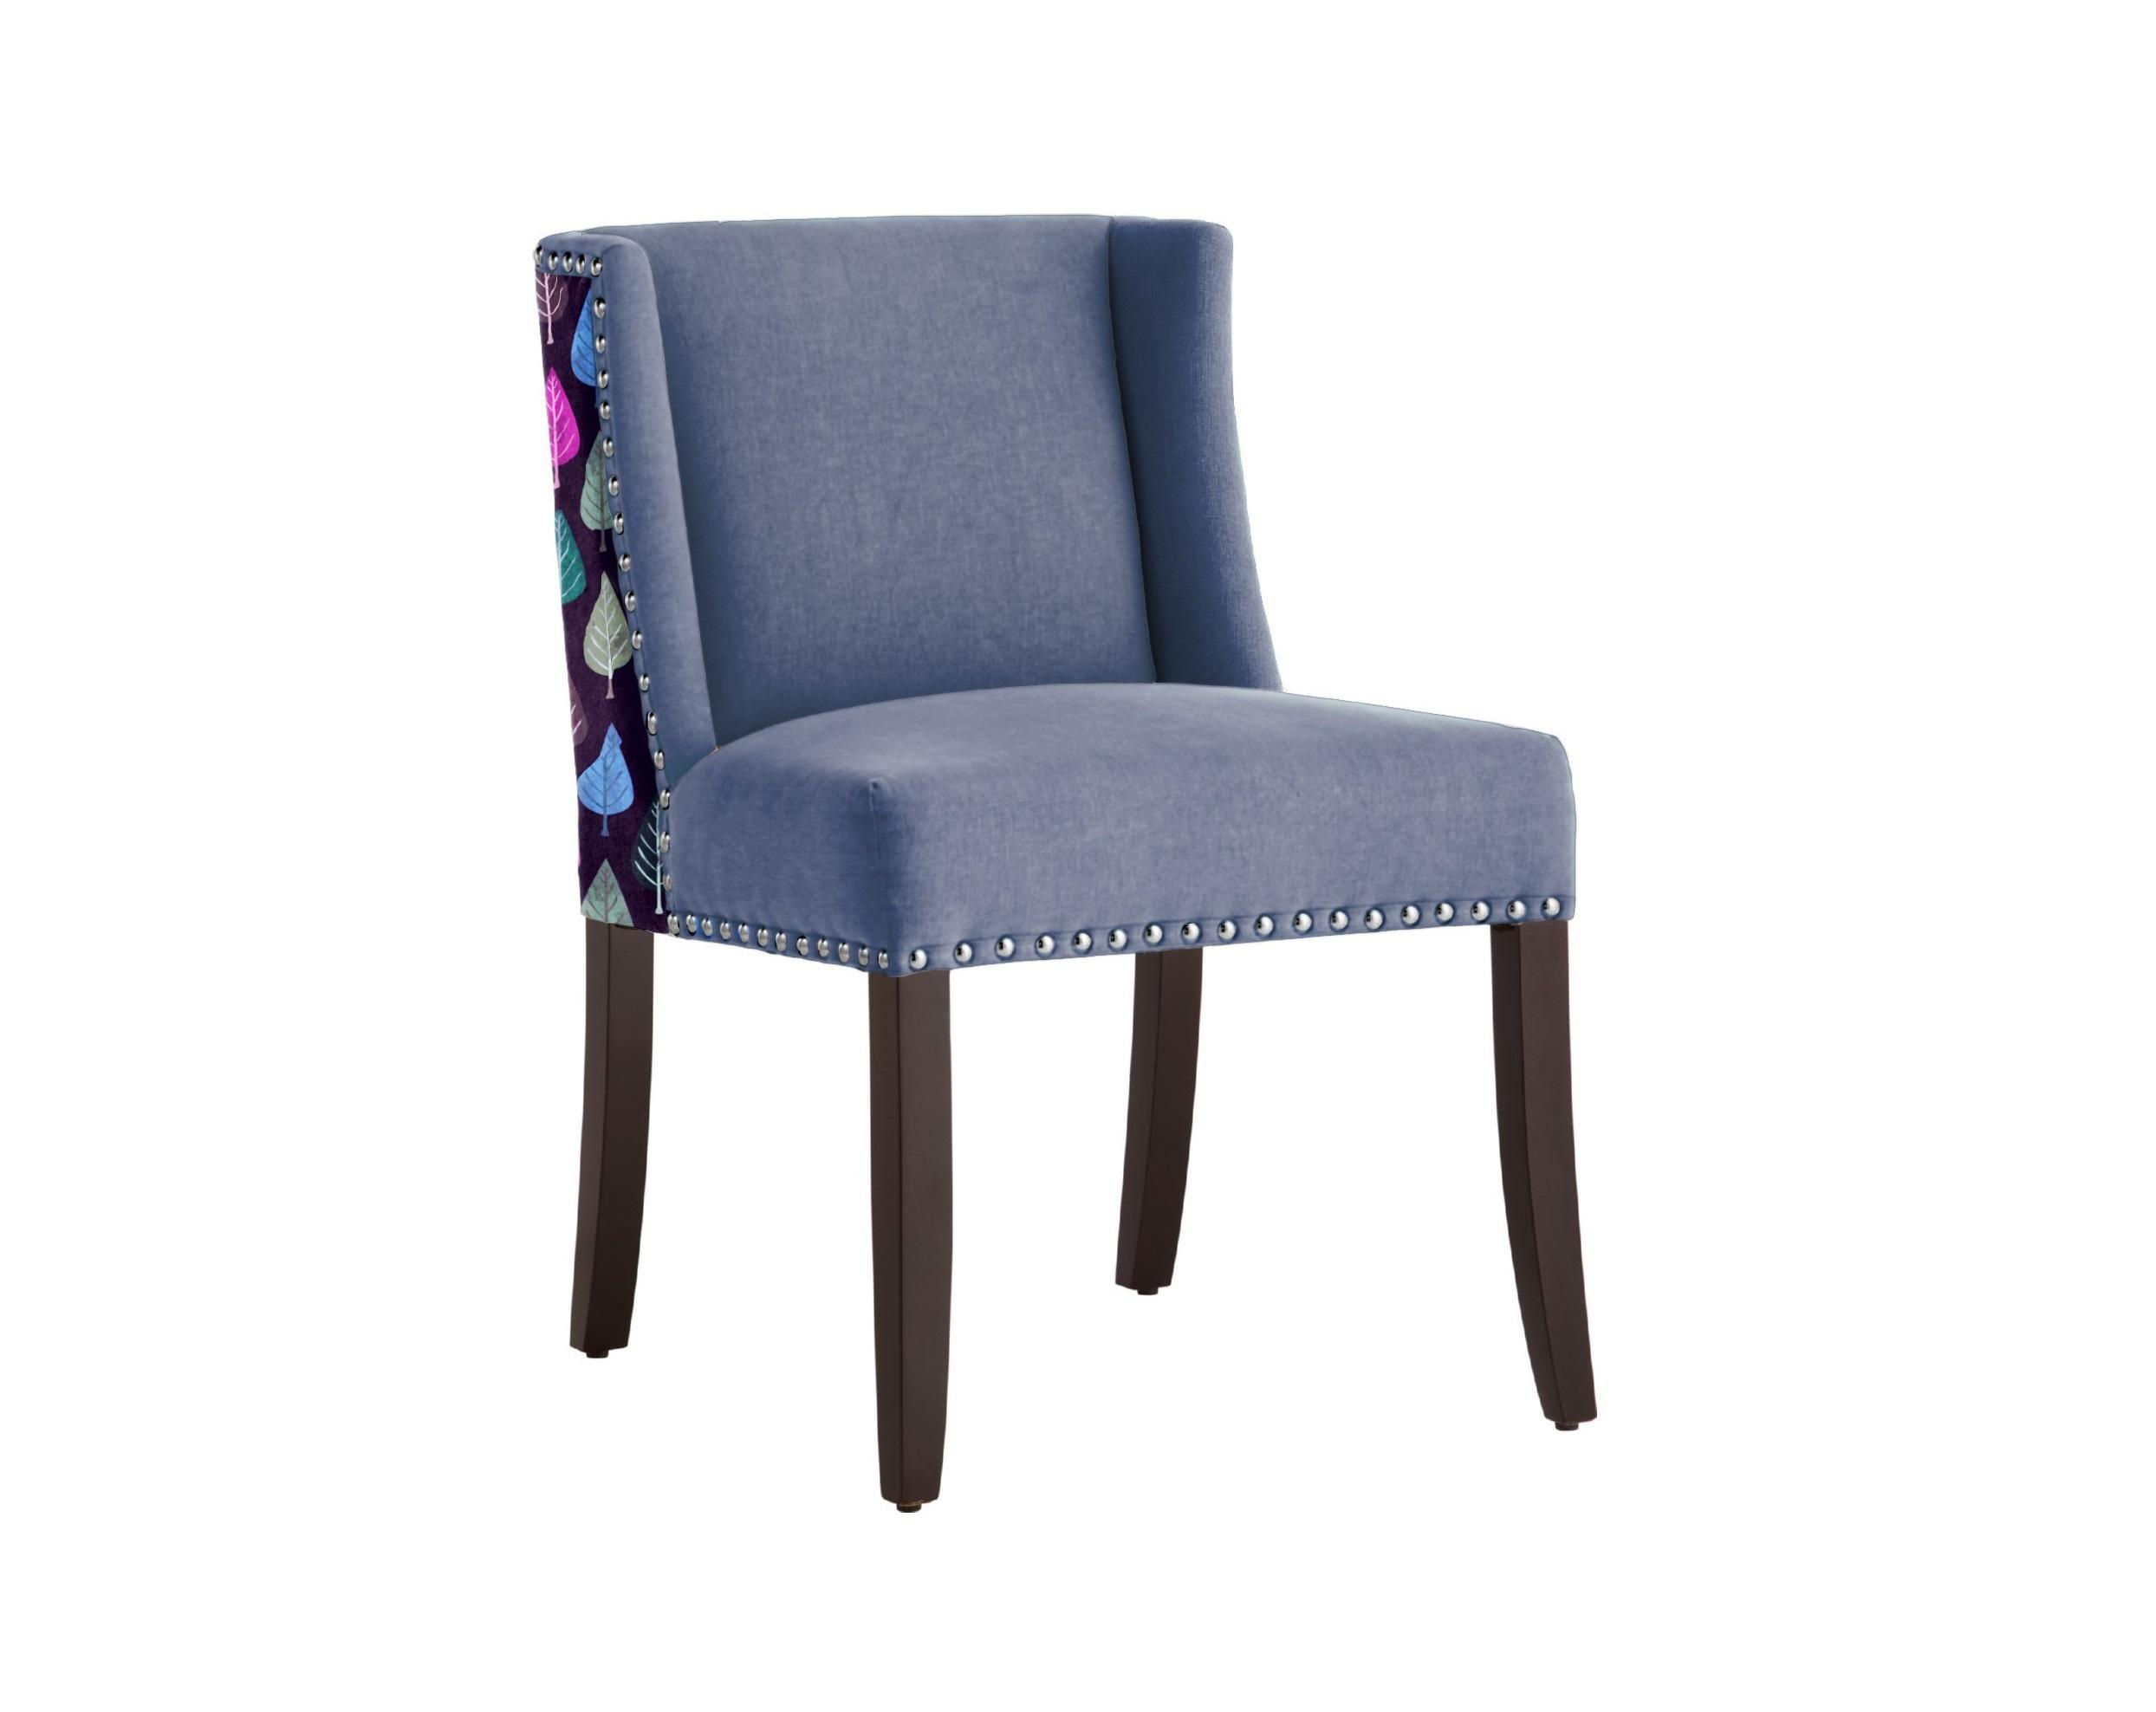 Полукресло  Chameleo Twice GumПолукресла<br>Уникальный дизайн. Полукресло-стул с принтом супер талантливого художника из Бангладеш Amir Faysal. Амир популярен во всем мире и эксклюзивно сотрудничает с Российским брендом ICON DESIGNE. Эти стулья можно использовать как в гостинной, так и в столовой! Идеально впишутся в интерьер! Произвдено из экологически чистых материалов. Каркас ,ножки  - дуб. Модель представлена в ткани микровелюр – мягкий, бархатистый материал, широко используемый в качестве обивки для мебели. Обладает целым рядом замечательных свойств: отлично пропускает воздух, отталкивает пыль и долго сохраняет изначальный цвет, не протираясь и не выцветая. Высокие эксплуатационные свойства в сочетании с превосходным дизайном обеспечили микровелюру большую популярность.&amp;amp;nbsp;&amp;lt;div&amp;gt;&amp;lt;br&amp;gt;&amp;lt;div&amp;gt;Варианты исполнения: <br>По желанию возможность выбрать ткань из других коллекций.&amp;amp;nbsp;&amp;lt;/div&amp;gt;&amp;lt;div&amp;gt;Гарантия: от производителя 1 год&amp;amp;nbsp;&amp;lt;/div&amp;gt;&amp;lt;div&amp;gt;Гарантия от производителя&amp;amp;nbsp;&amp;lt;/div&amp;gt;&amp;lt;div&amp;gt;Материалы: дуб, текстиль.&amp;amp;nbsp;&amp;lt;/div&amp;gt;&amp;lt;div&amp;gt;Продукция изготавливается под заказ, стандартный срок производства 3-4 недели. Более точную информацию уточняйте у менеджера.&amp;lt;/div&amp;gt;&amp;lt;/div&amp;gt;<br><br>Material: Текстиль<br>Length см: None<br>Depth см: 58<br>Height см: 82